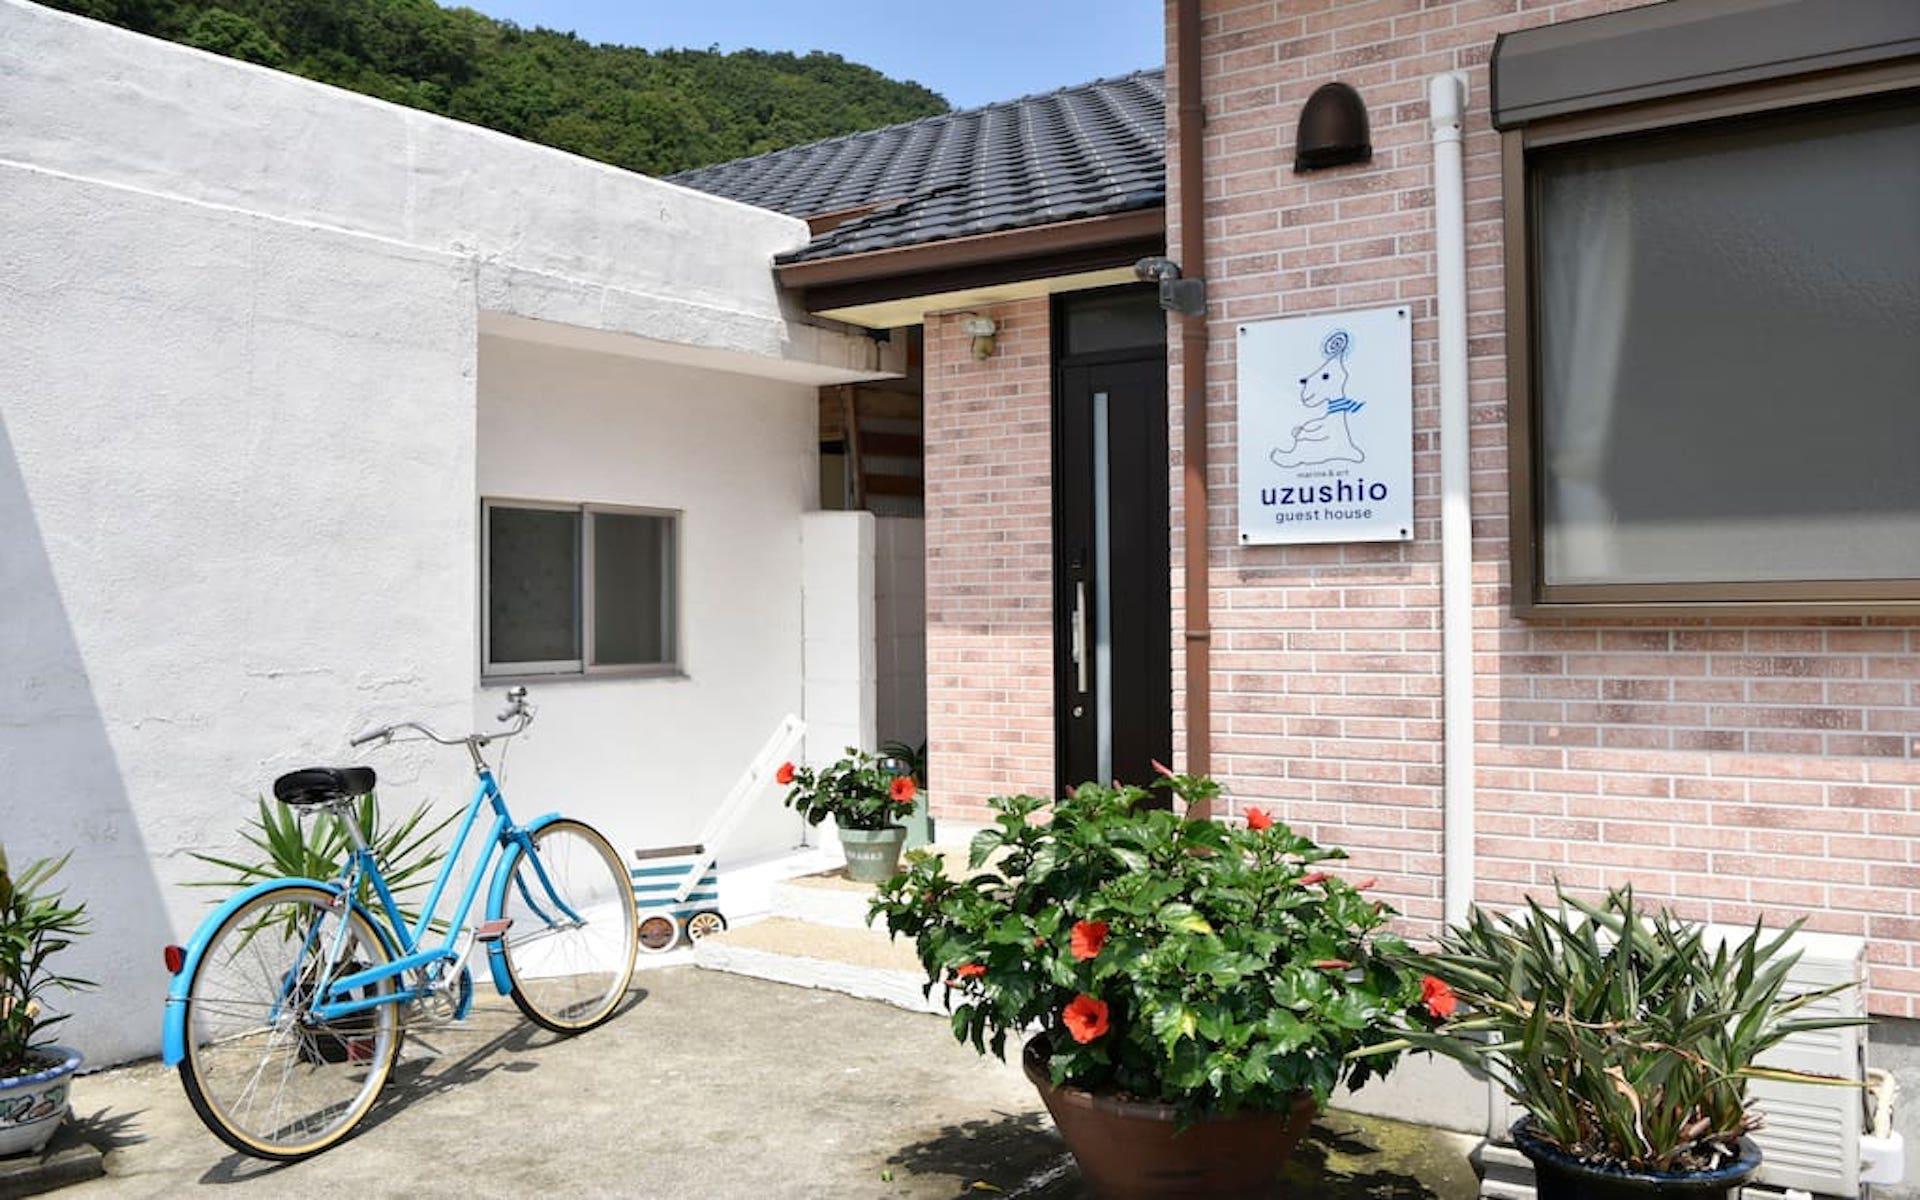 Uzushio Guesthouse